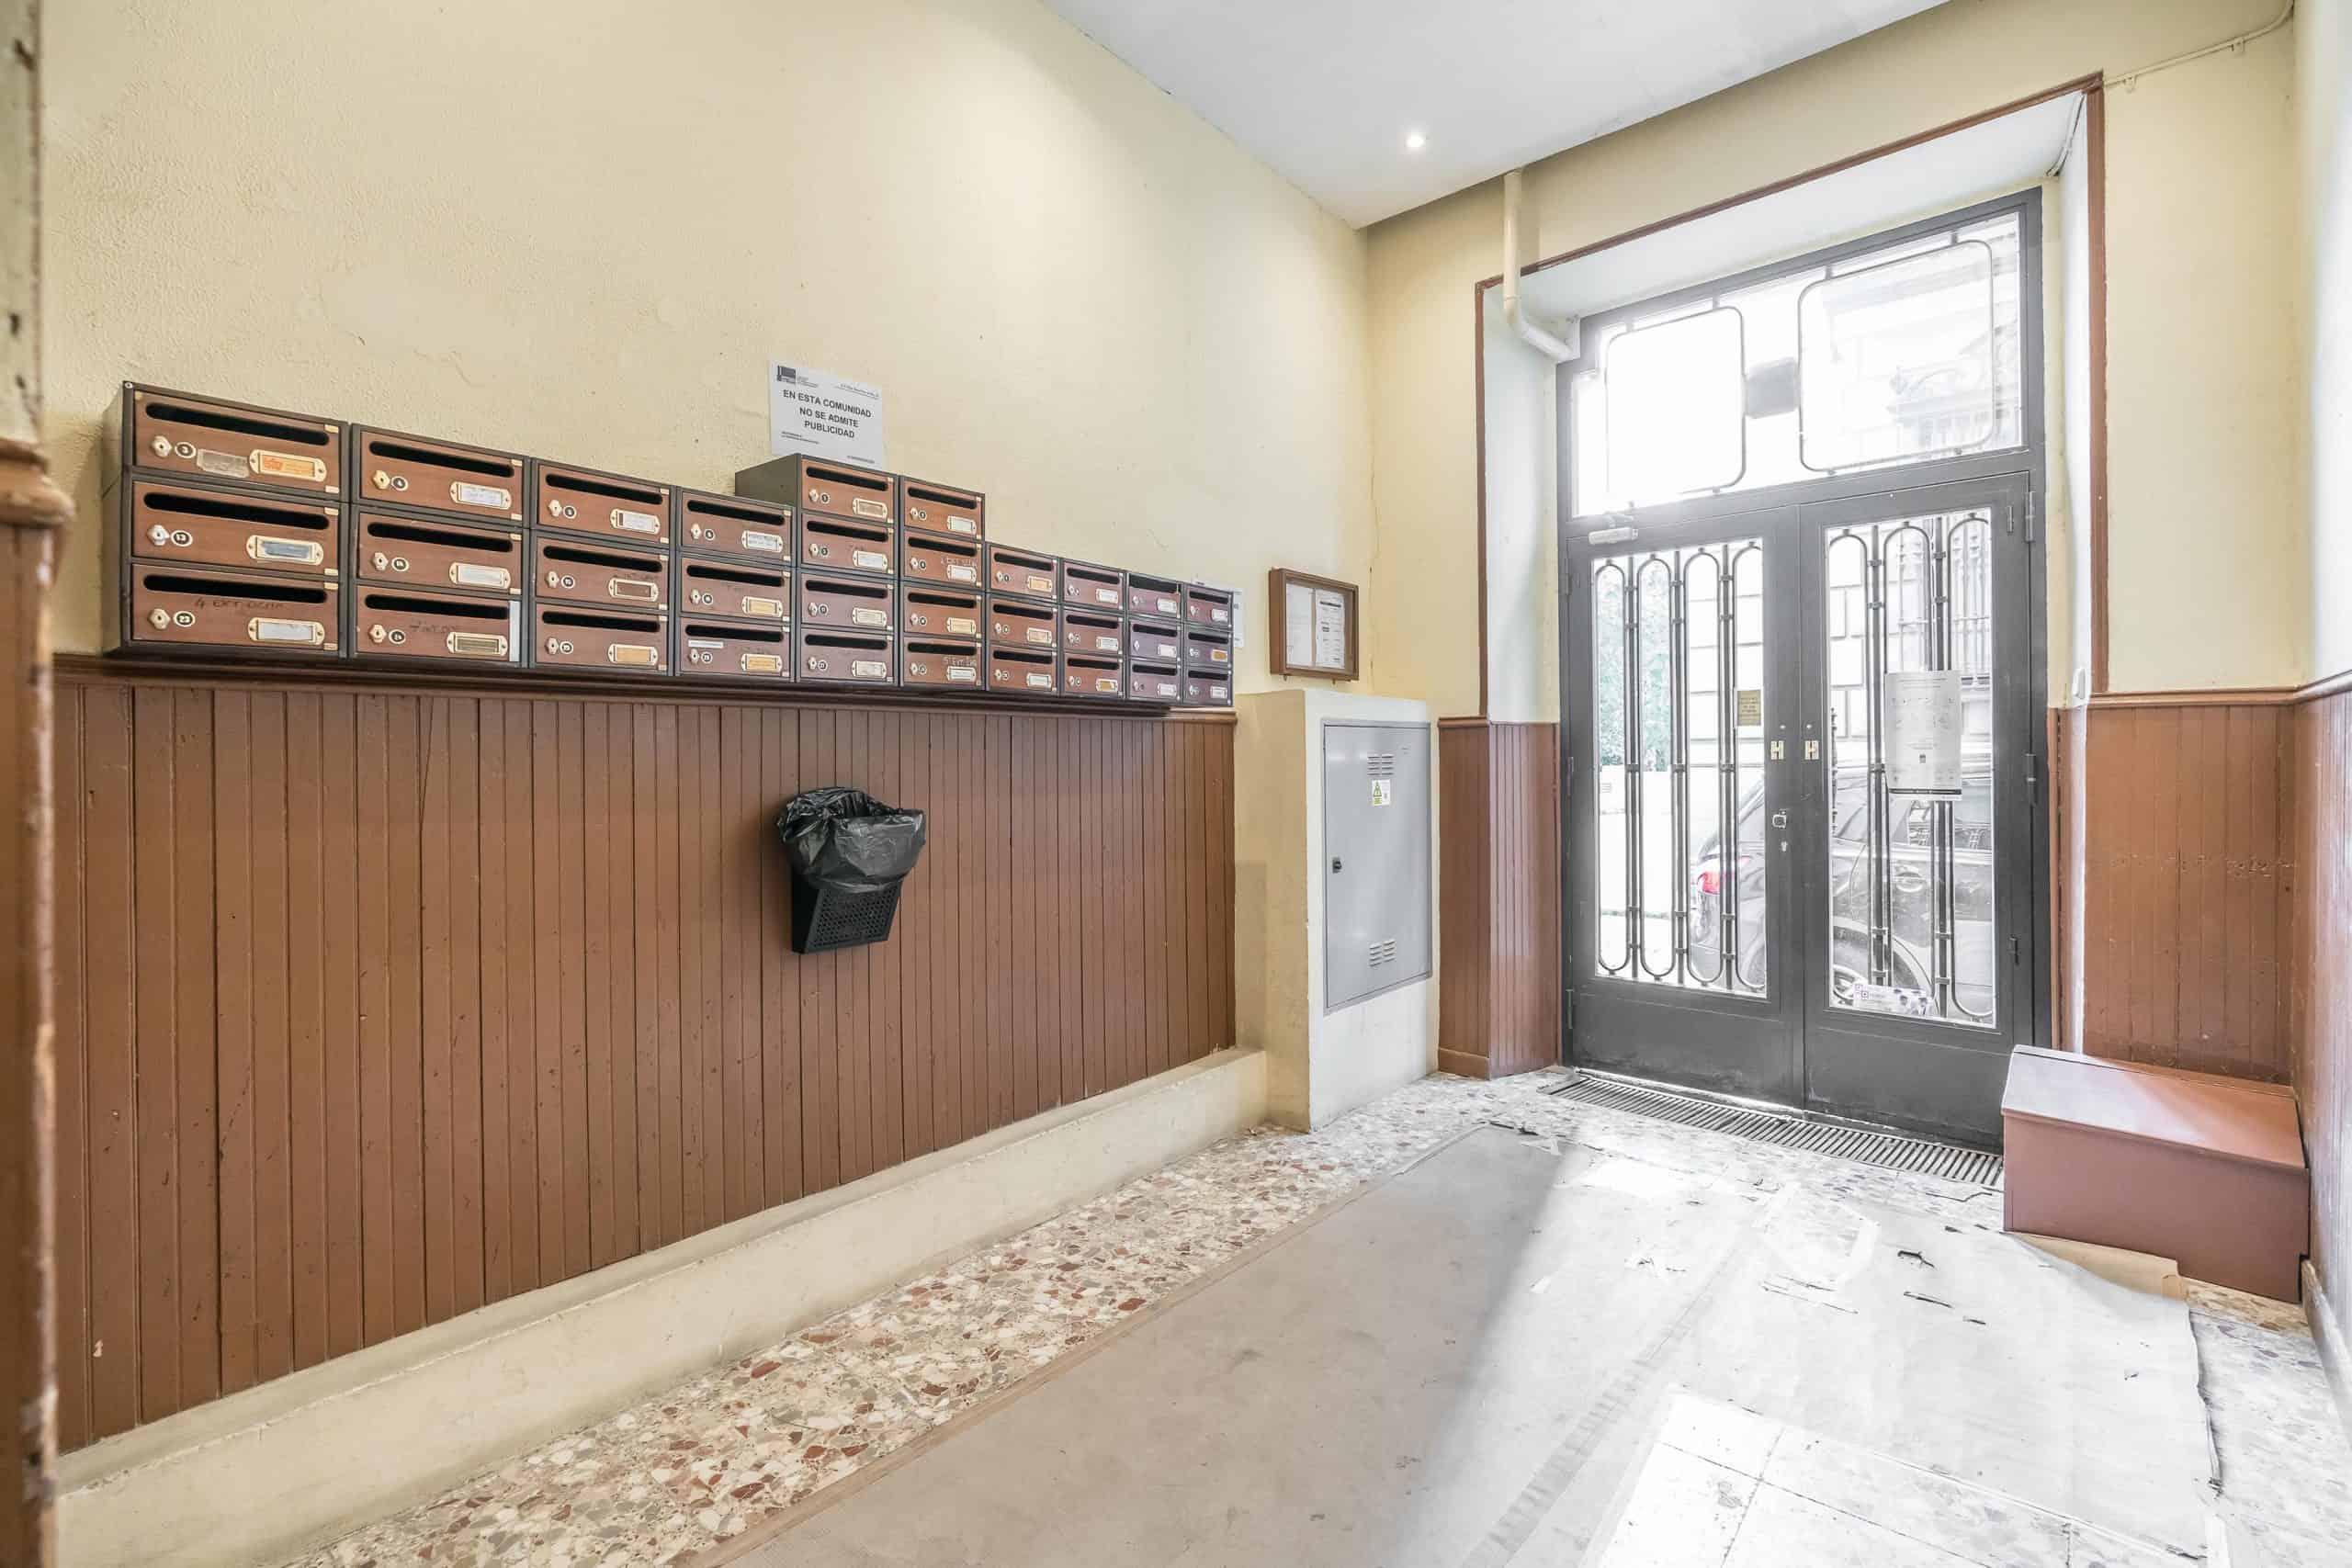 Agencia Inmobiliaria de Madrid-FUTUROCASA-Zona ARGANZUELA-EMBAJADORES-LEGAZPI -plaza General Vara del Rey- zonass comunes (6)